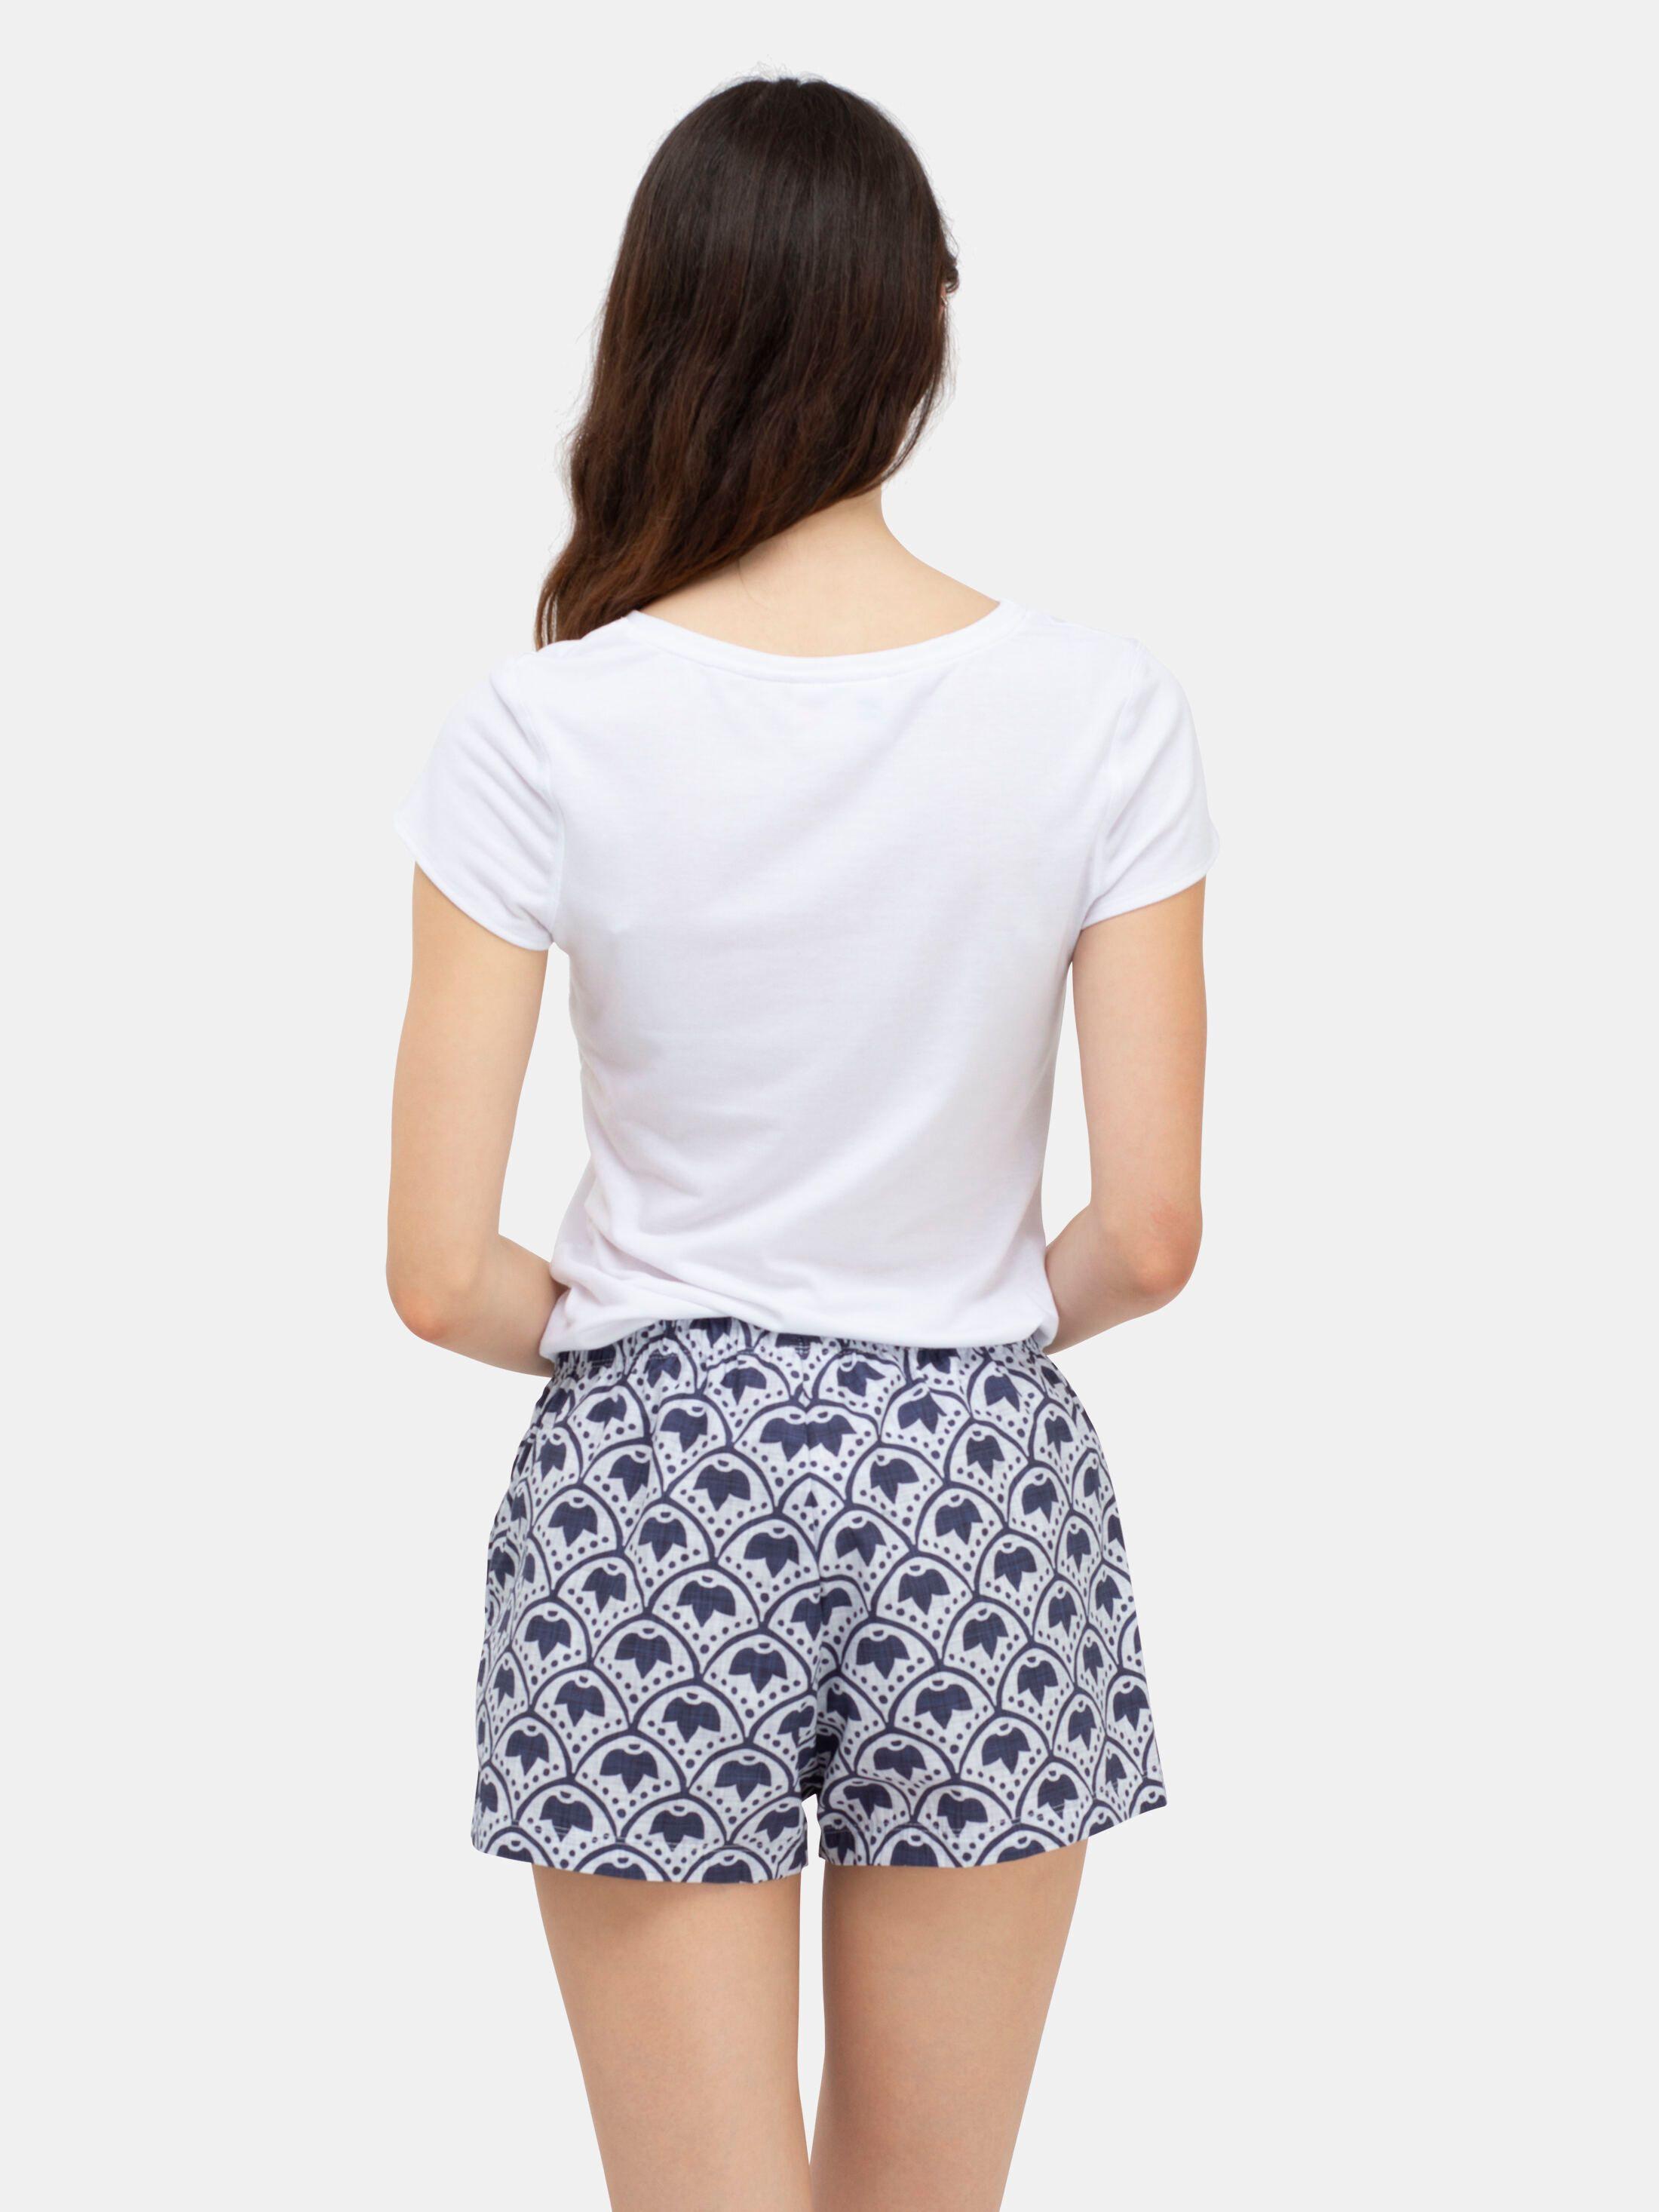 女性用パジャマズボンにデザイン